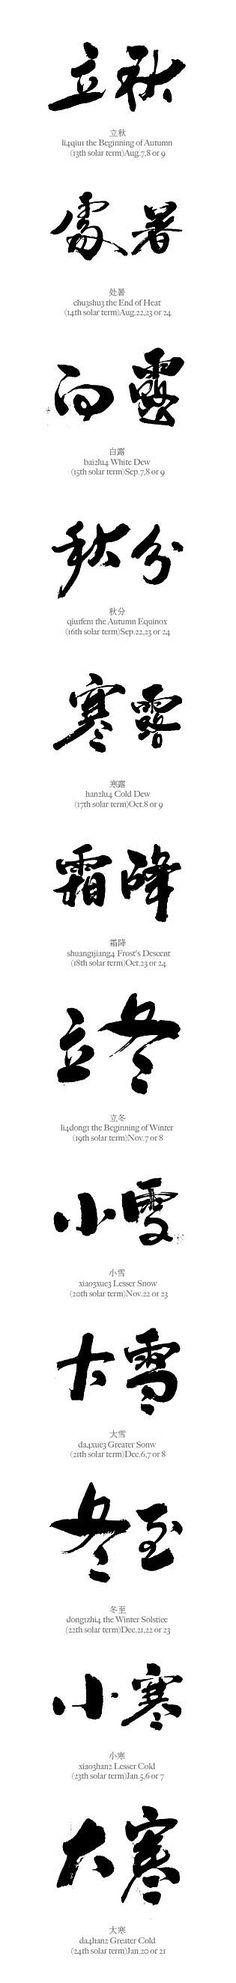 二十四节气应用书法 北京灵鹿创意作品